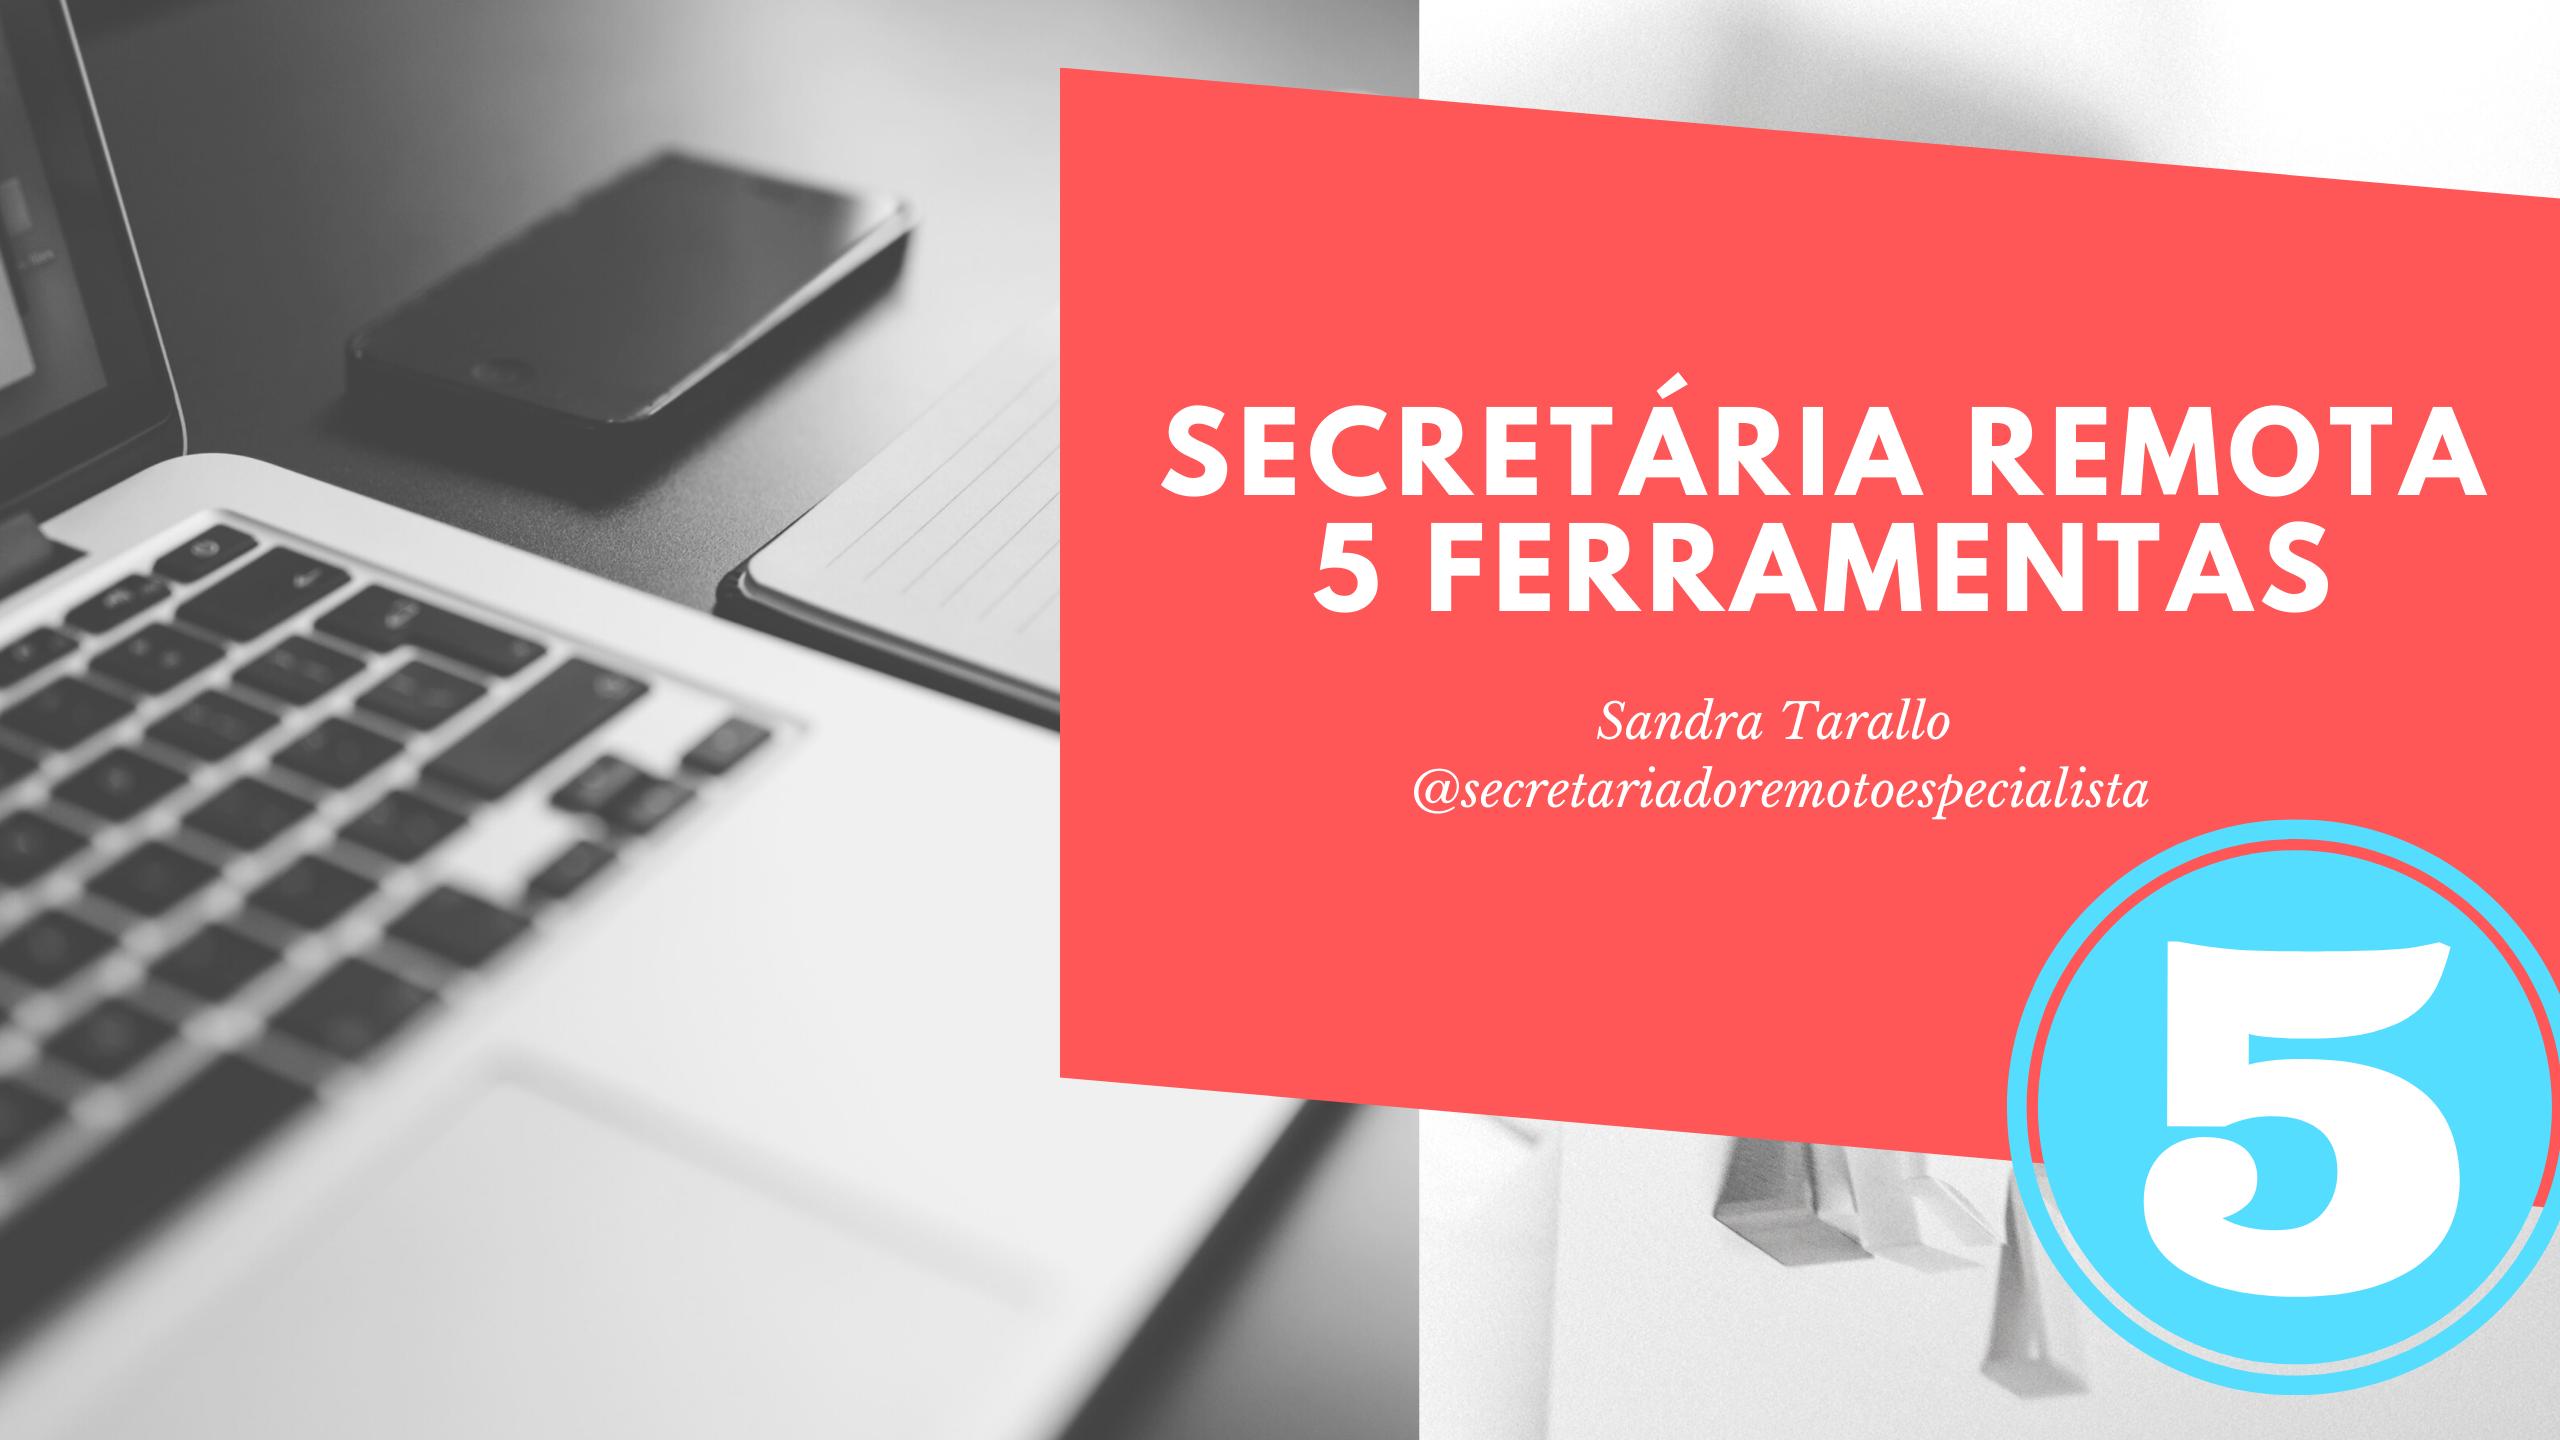 O que é Secretariado Remoto  1 1 - 5 ferramentas para a Secretária Remota